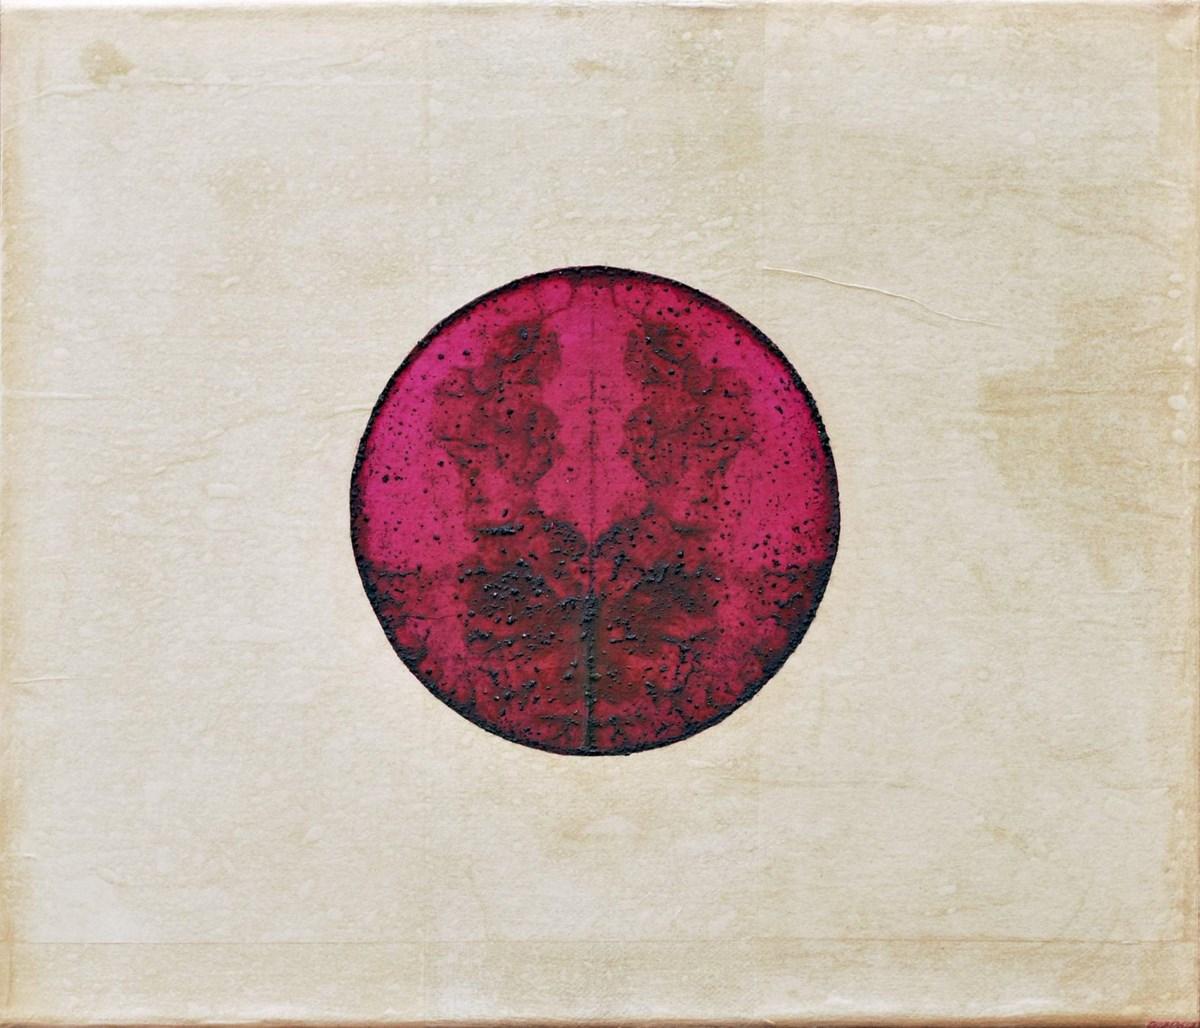 """Aga Piotrowska, """"01130613"""", fuksyna, bibuła japońska, płótno, 34x40, 2013 (źródło: materiały prasowe organizatora)"""